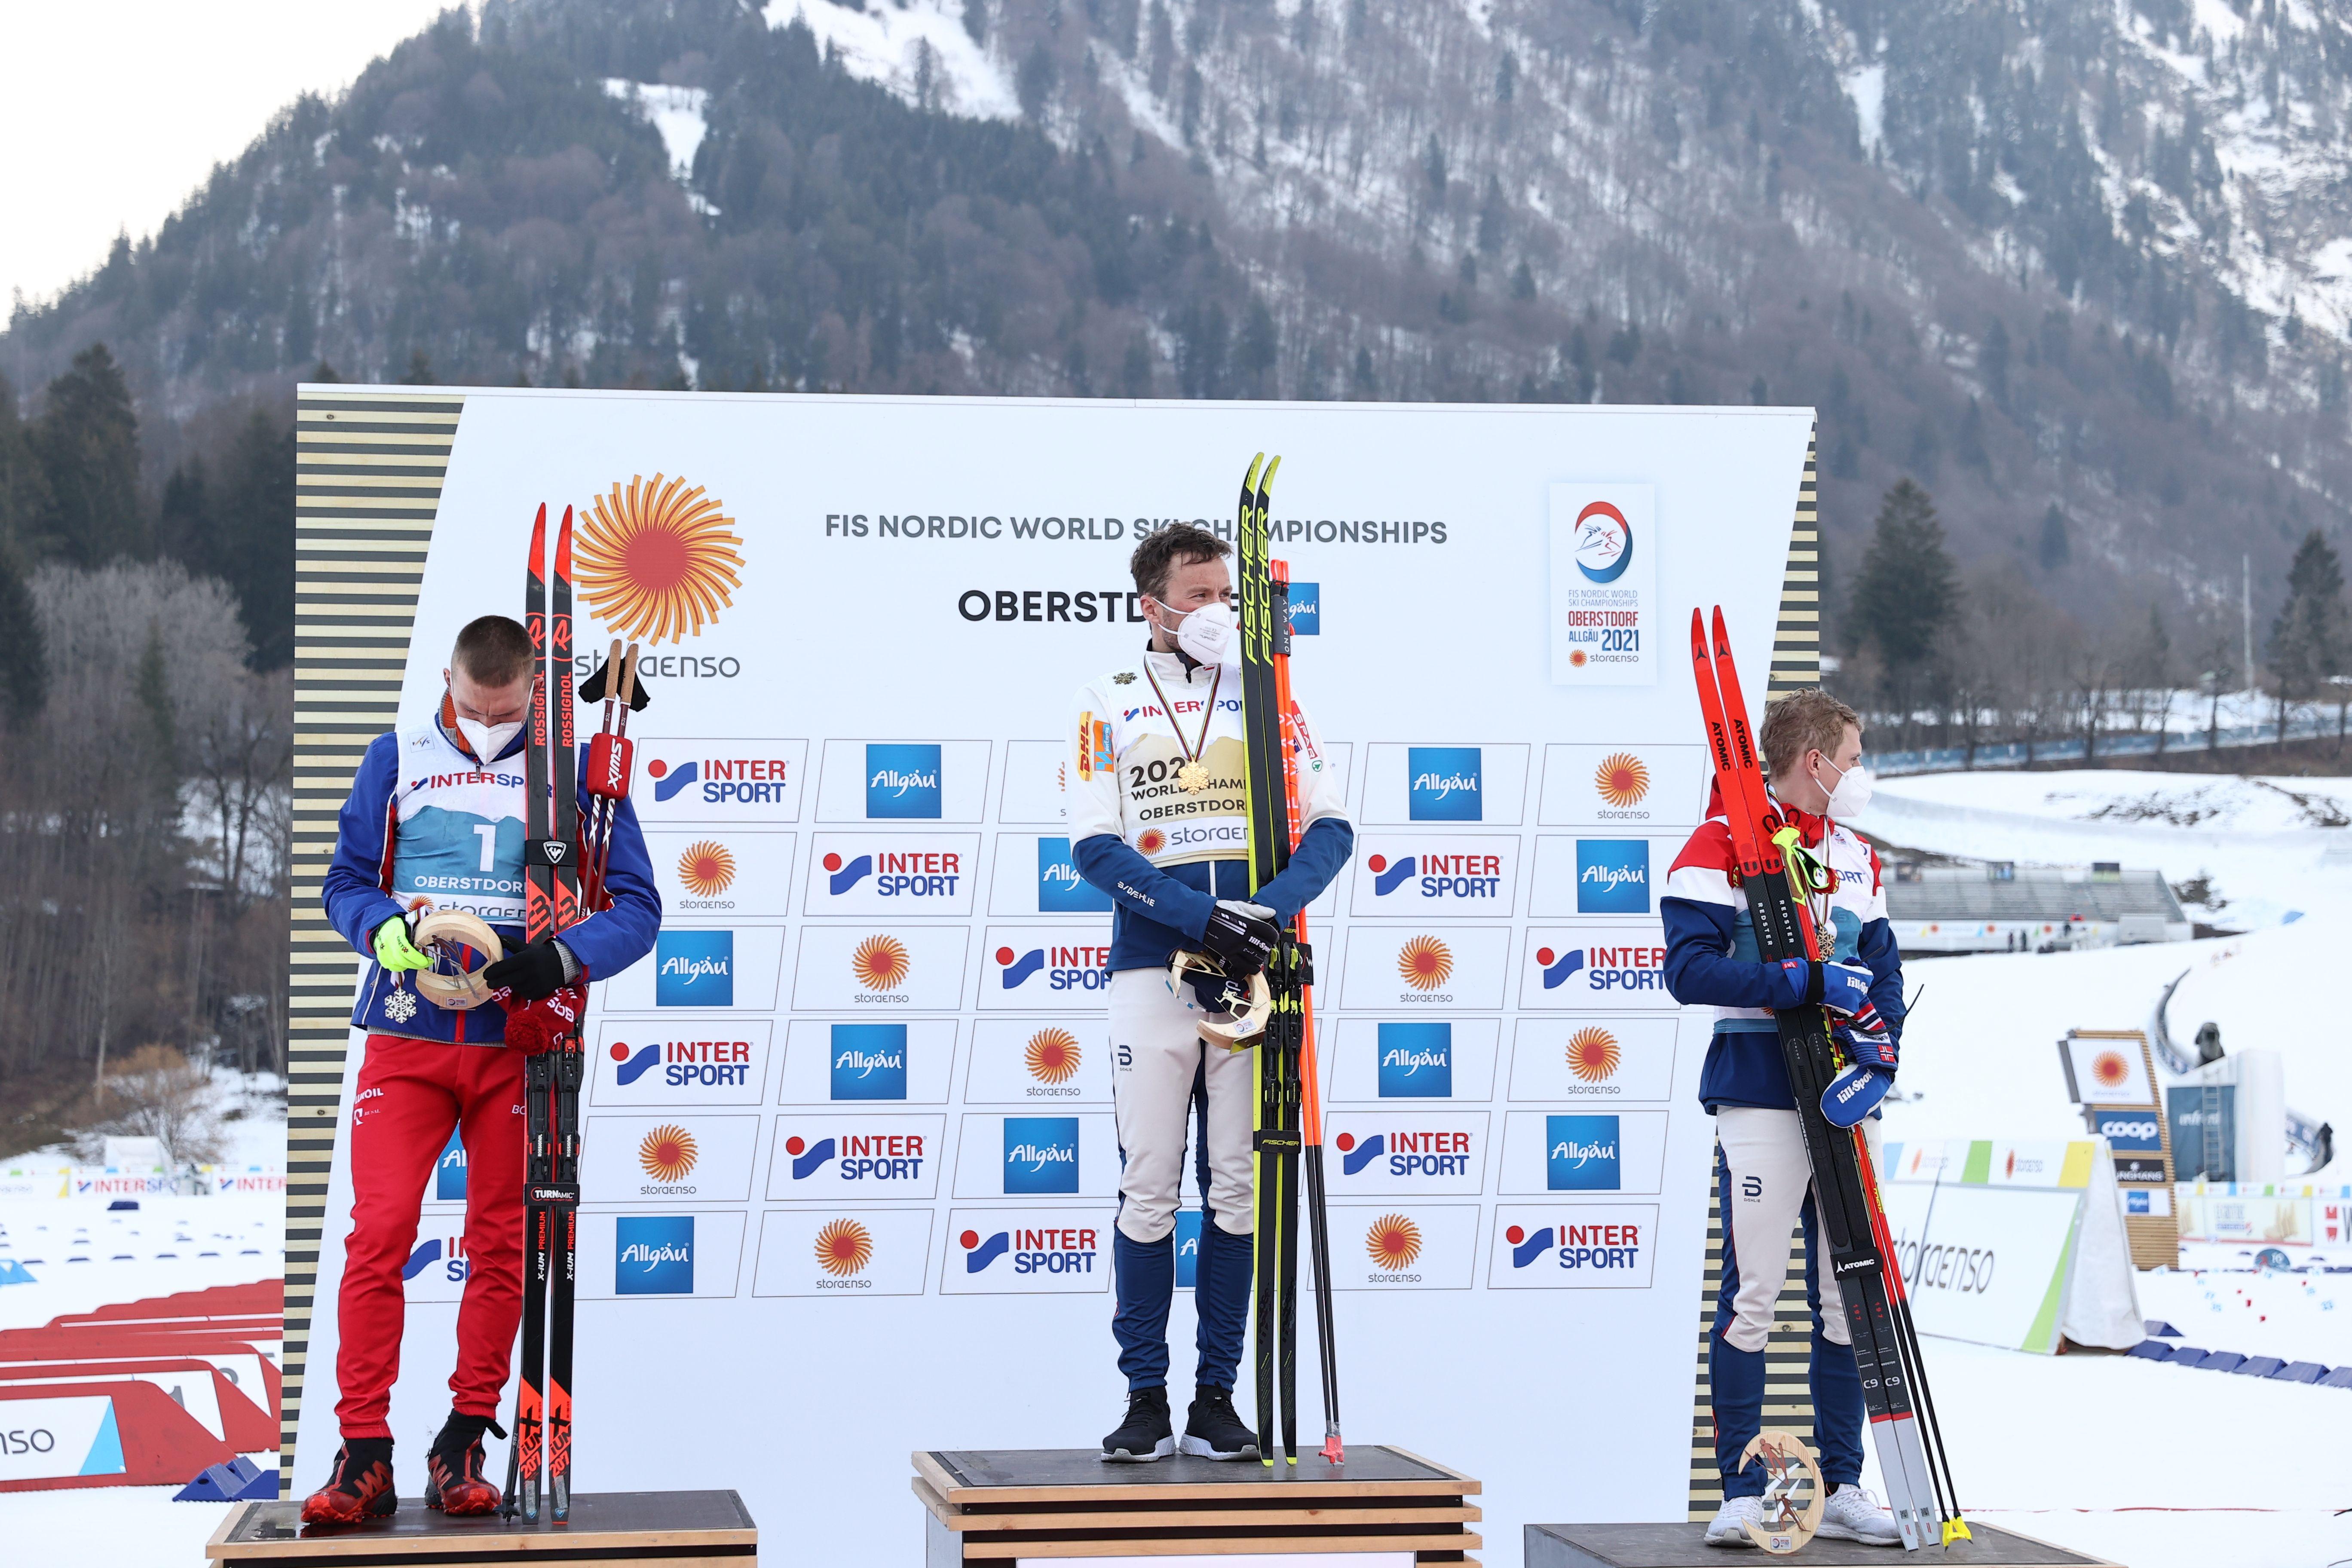 Итоговый медальный зачёт чемпионата мира по лыжным видам спорта